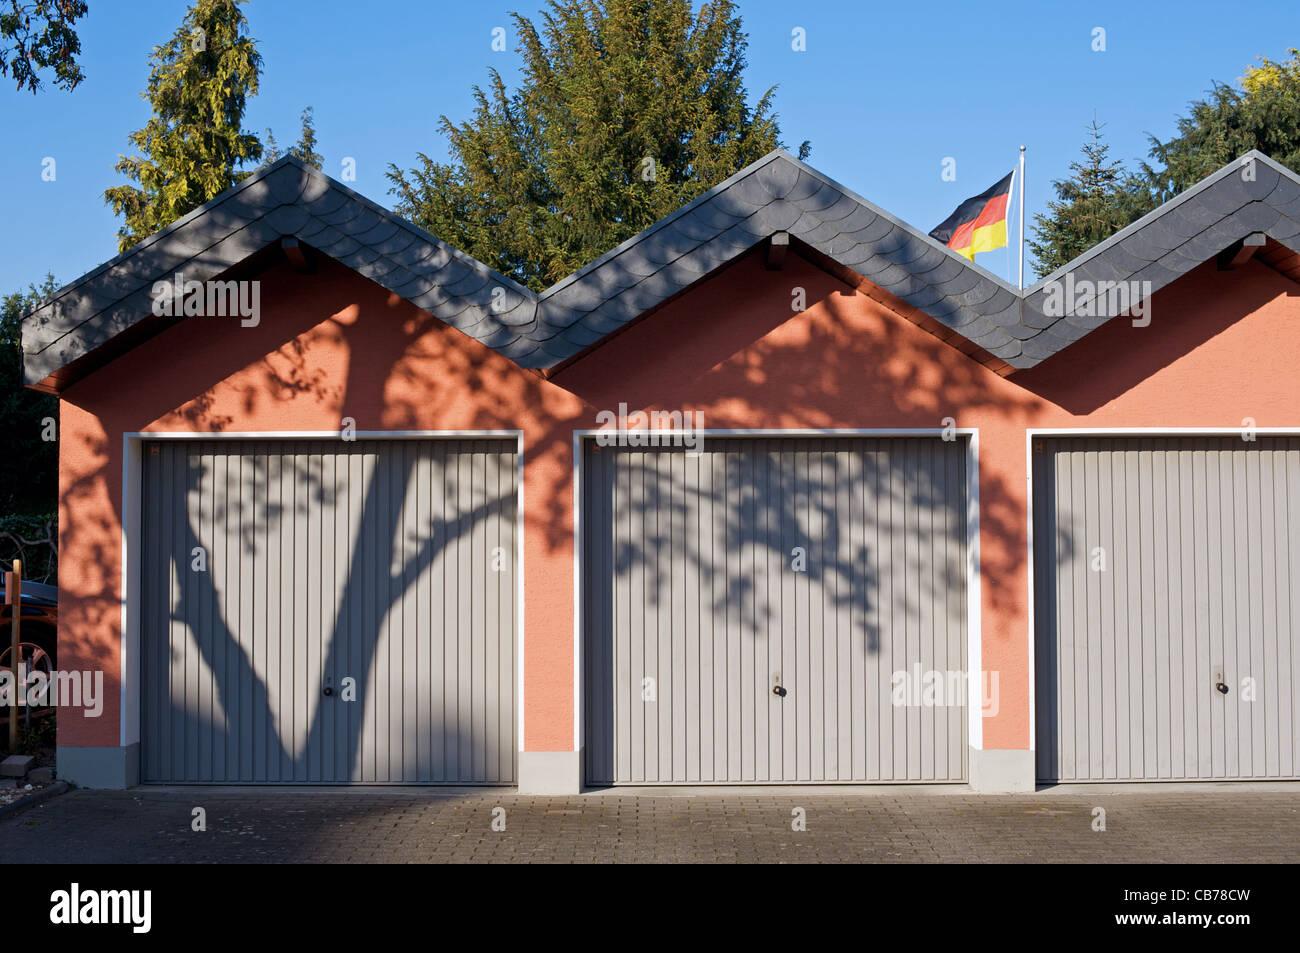 Garajes, Leichlingen, Alemania. Foto de stock